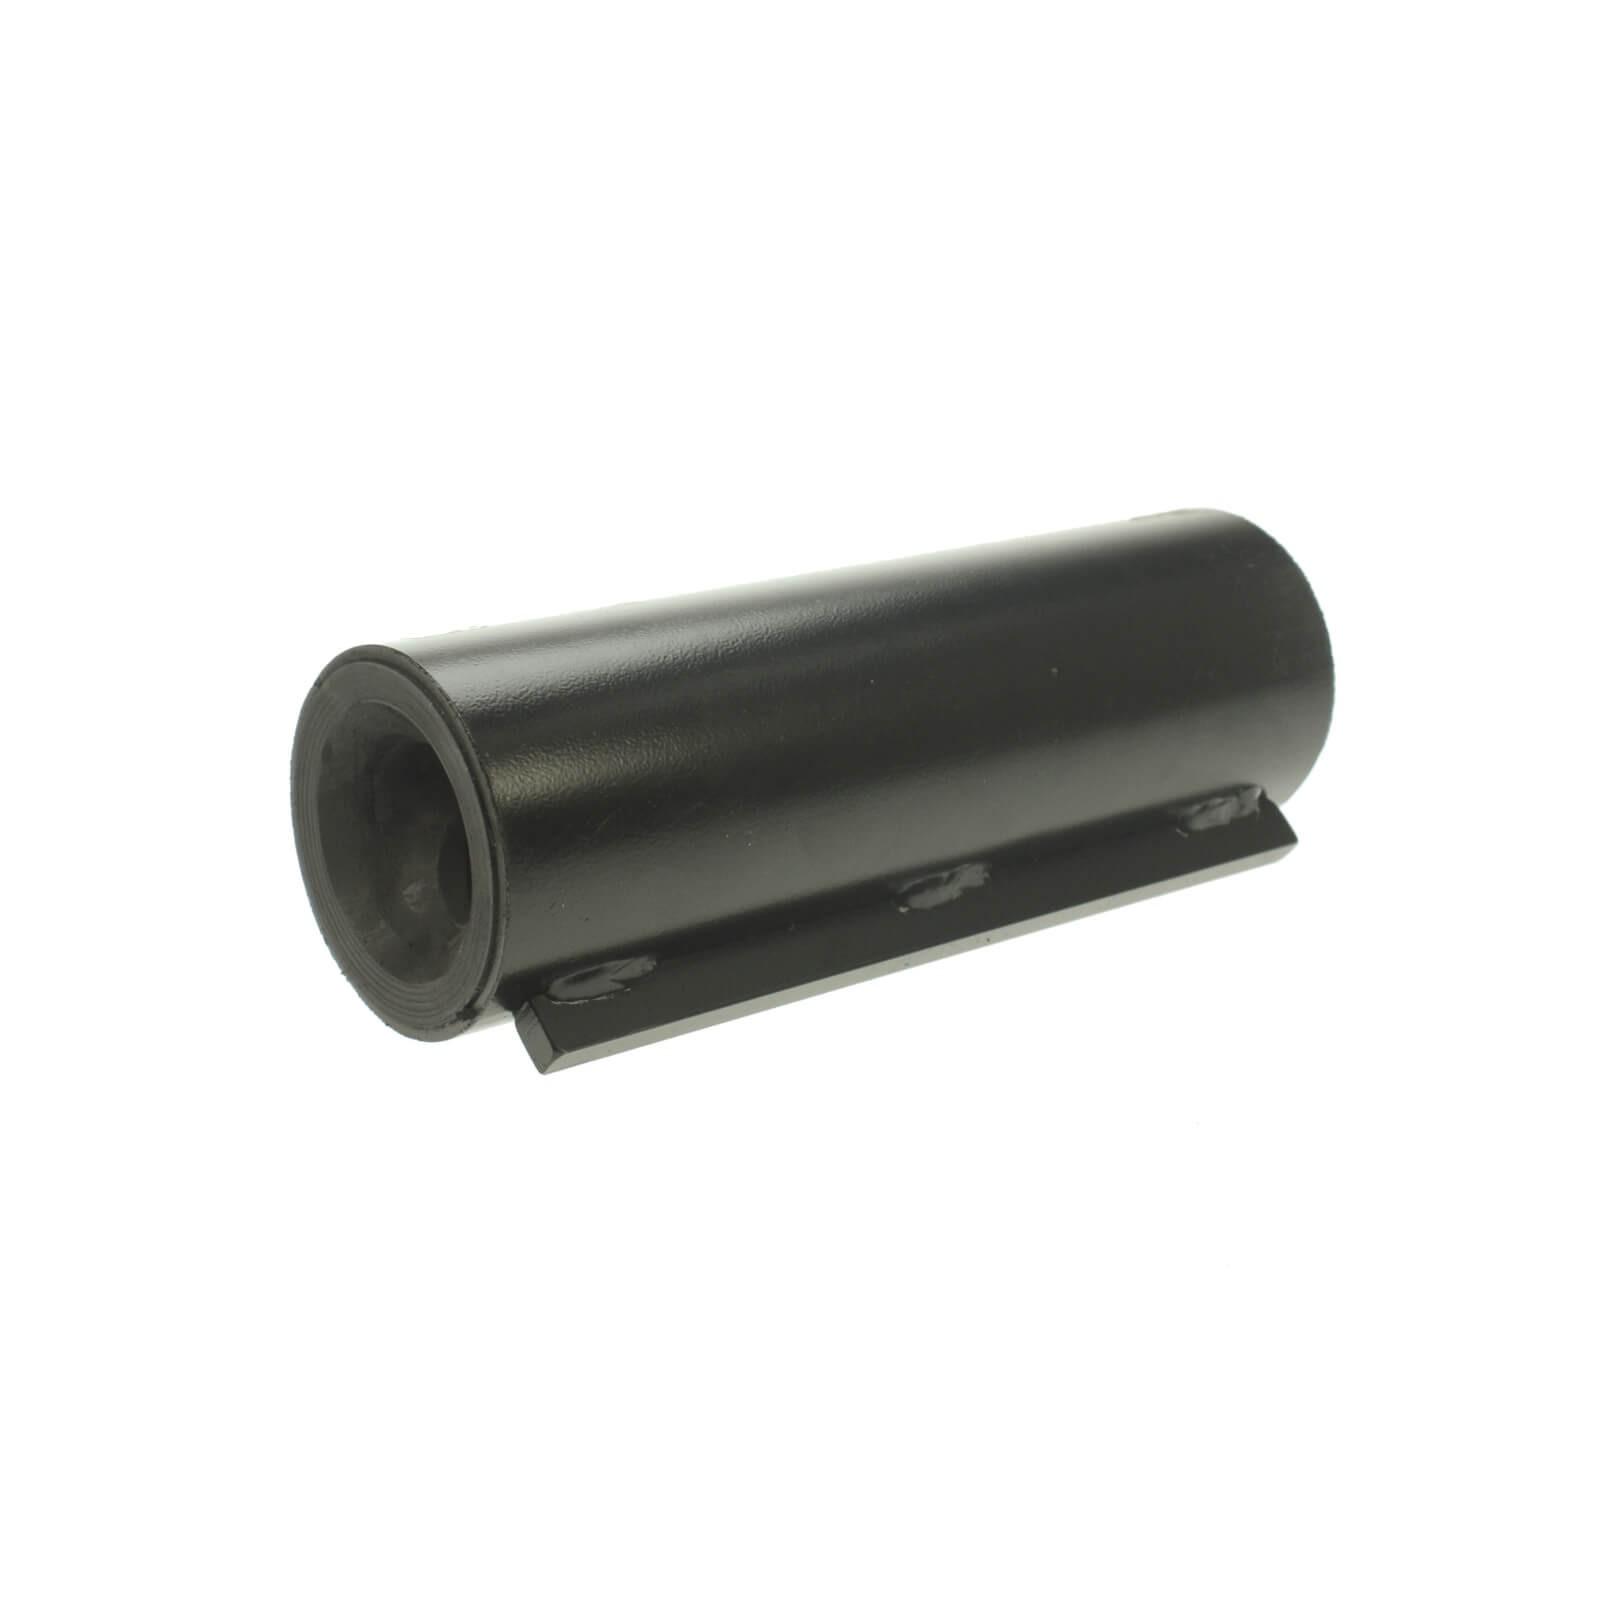 Pumpenmantel PC25 schwarz